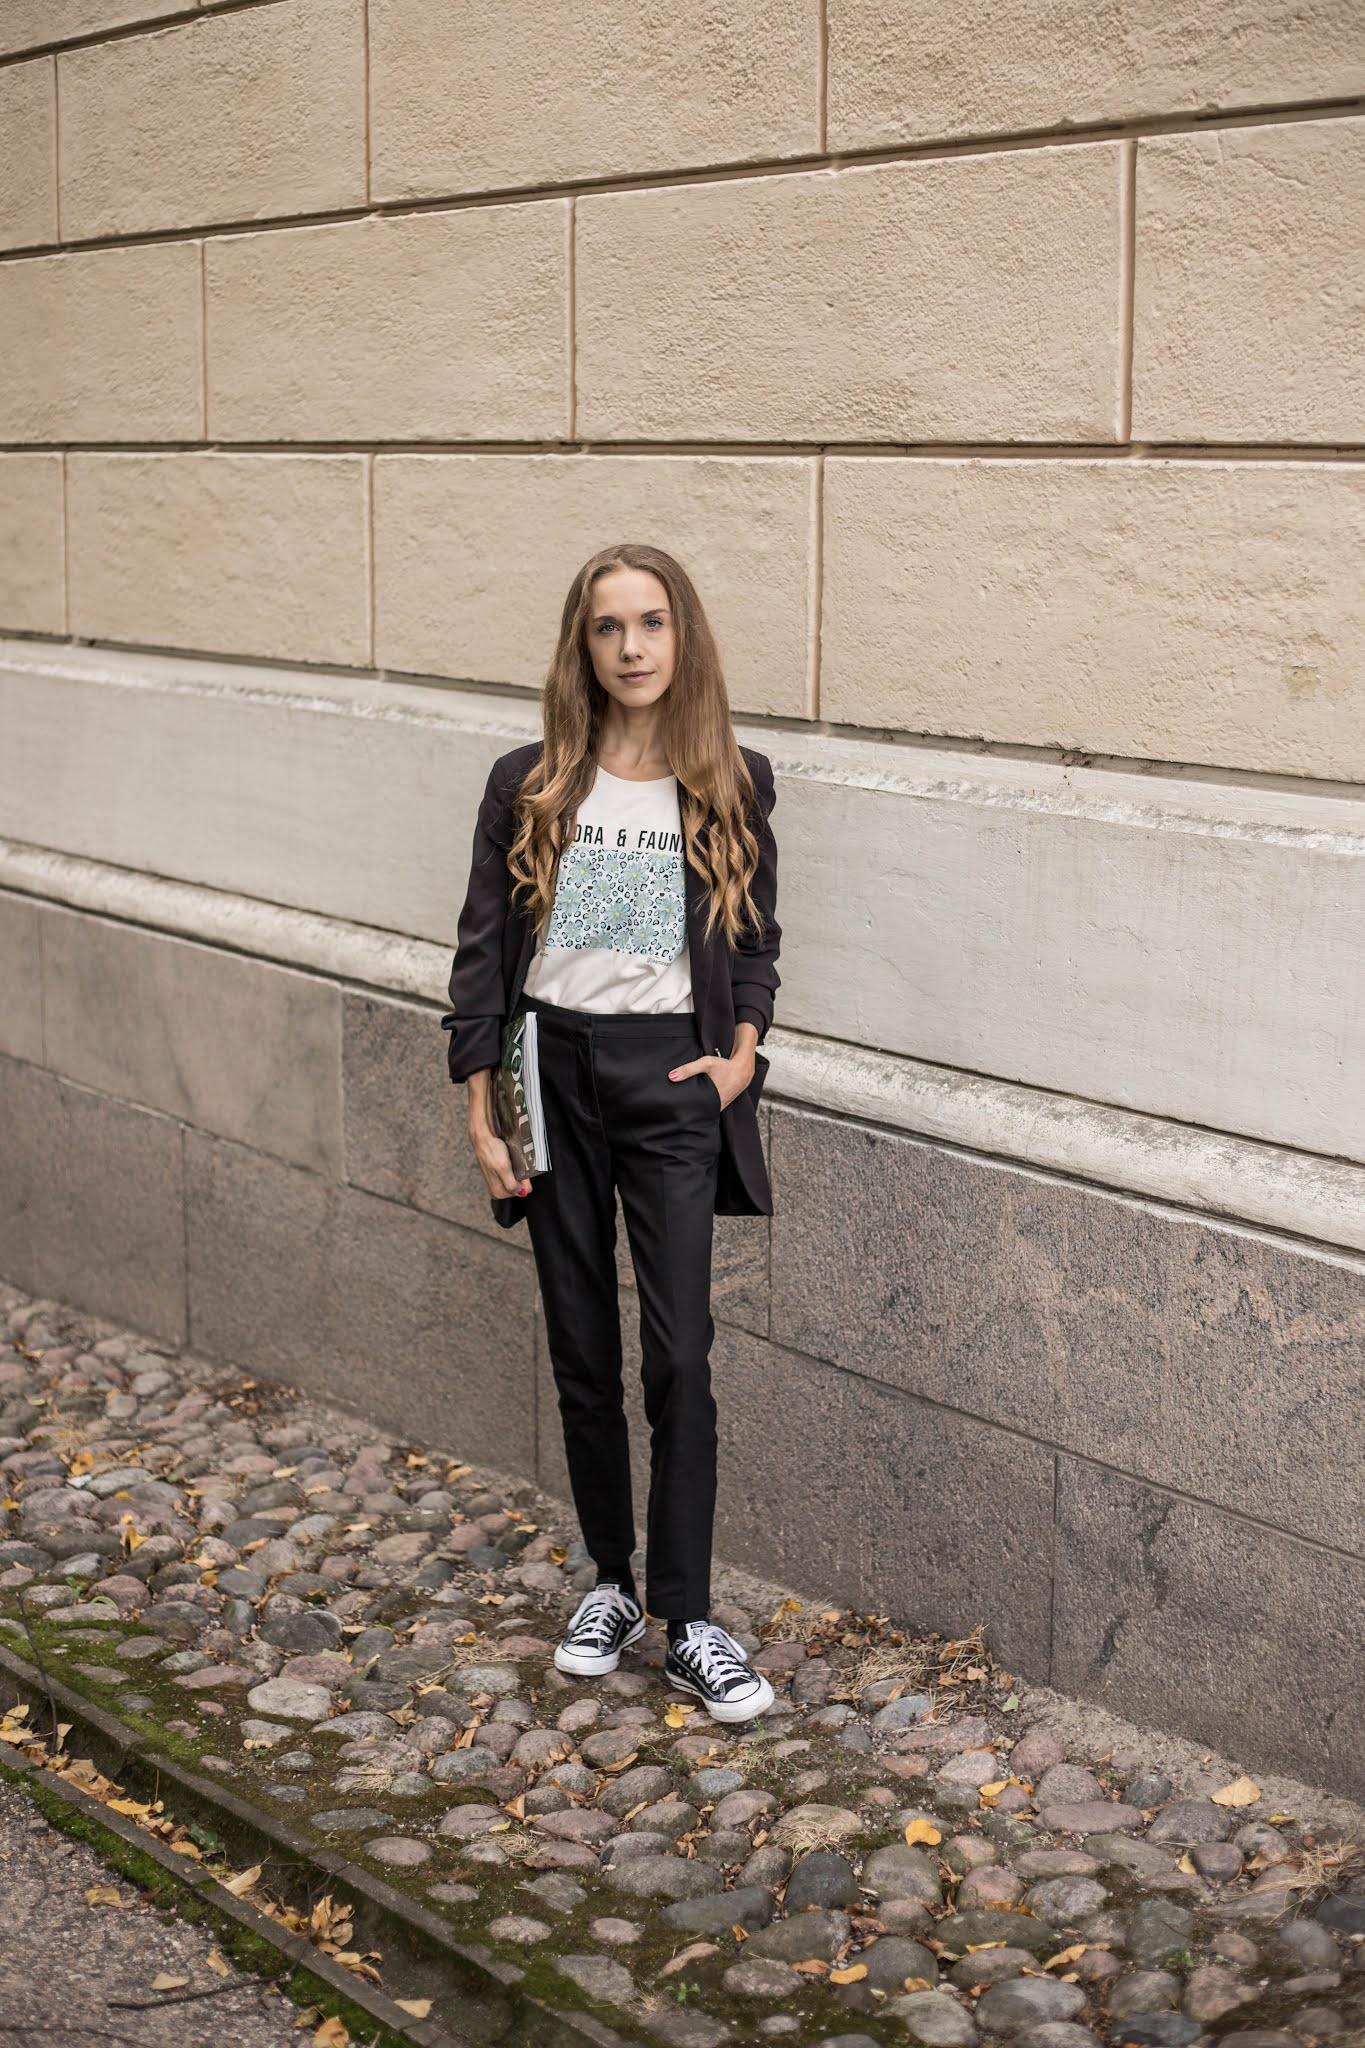 parhaat suomalaiset muotibrändit // the best Finnish fashion brands